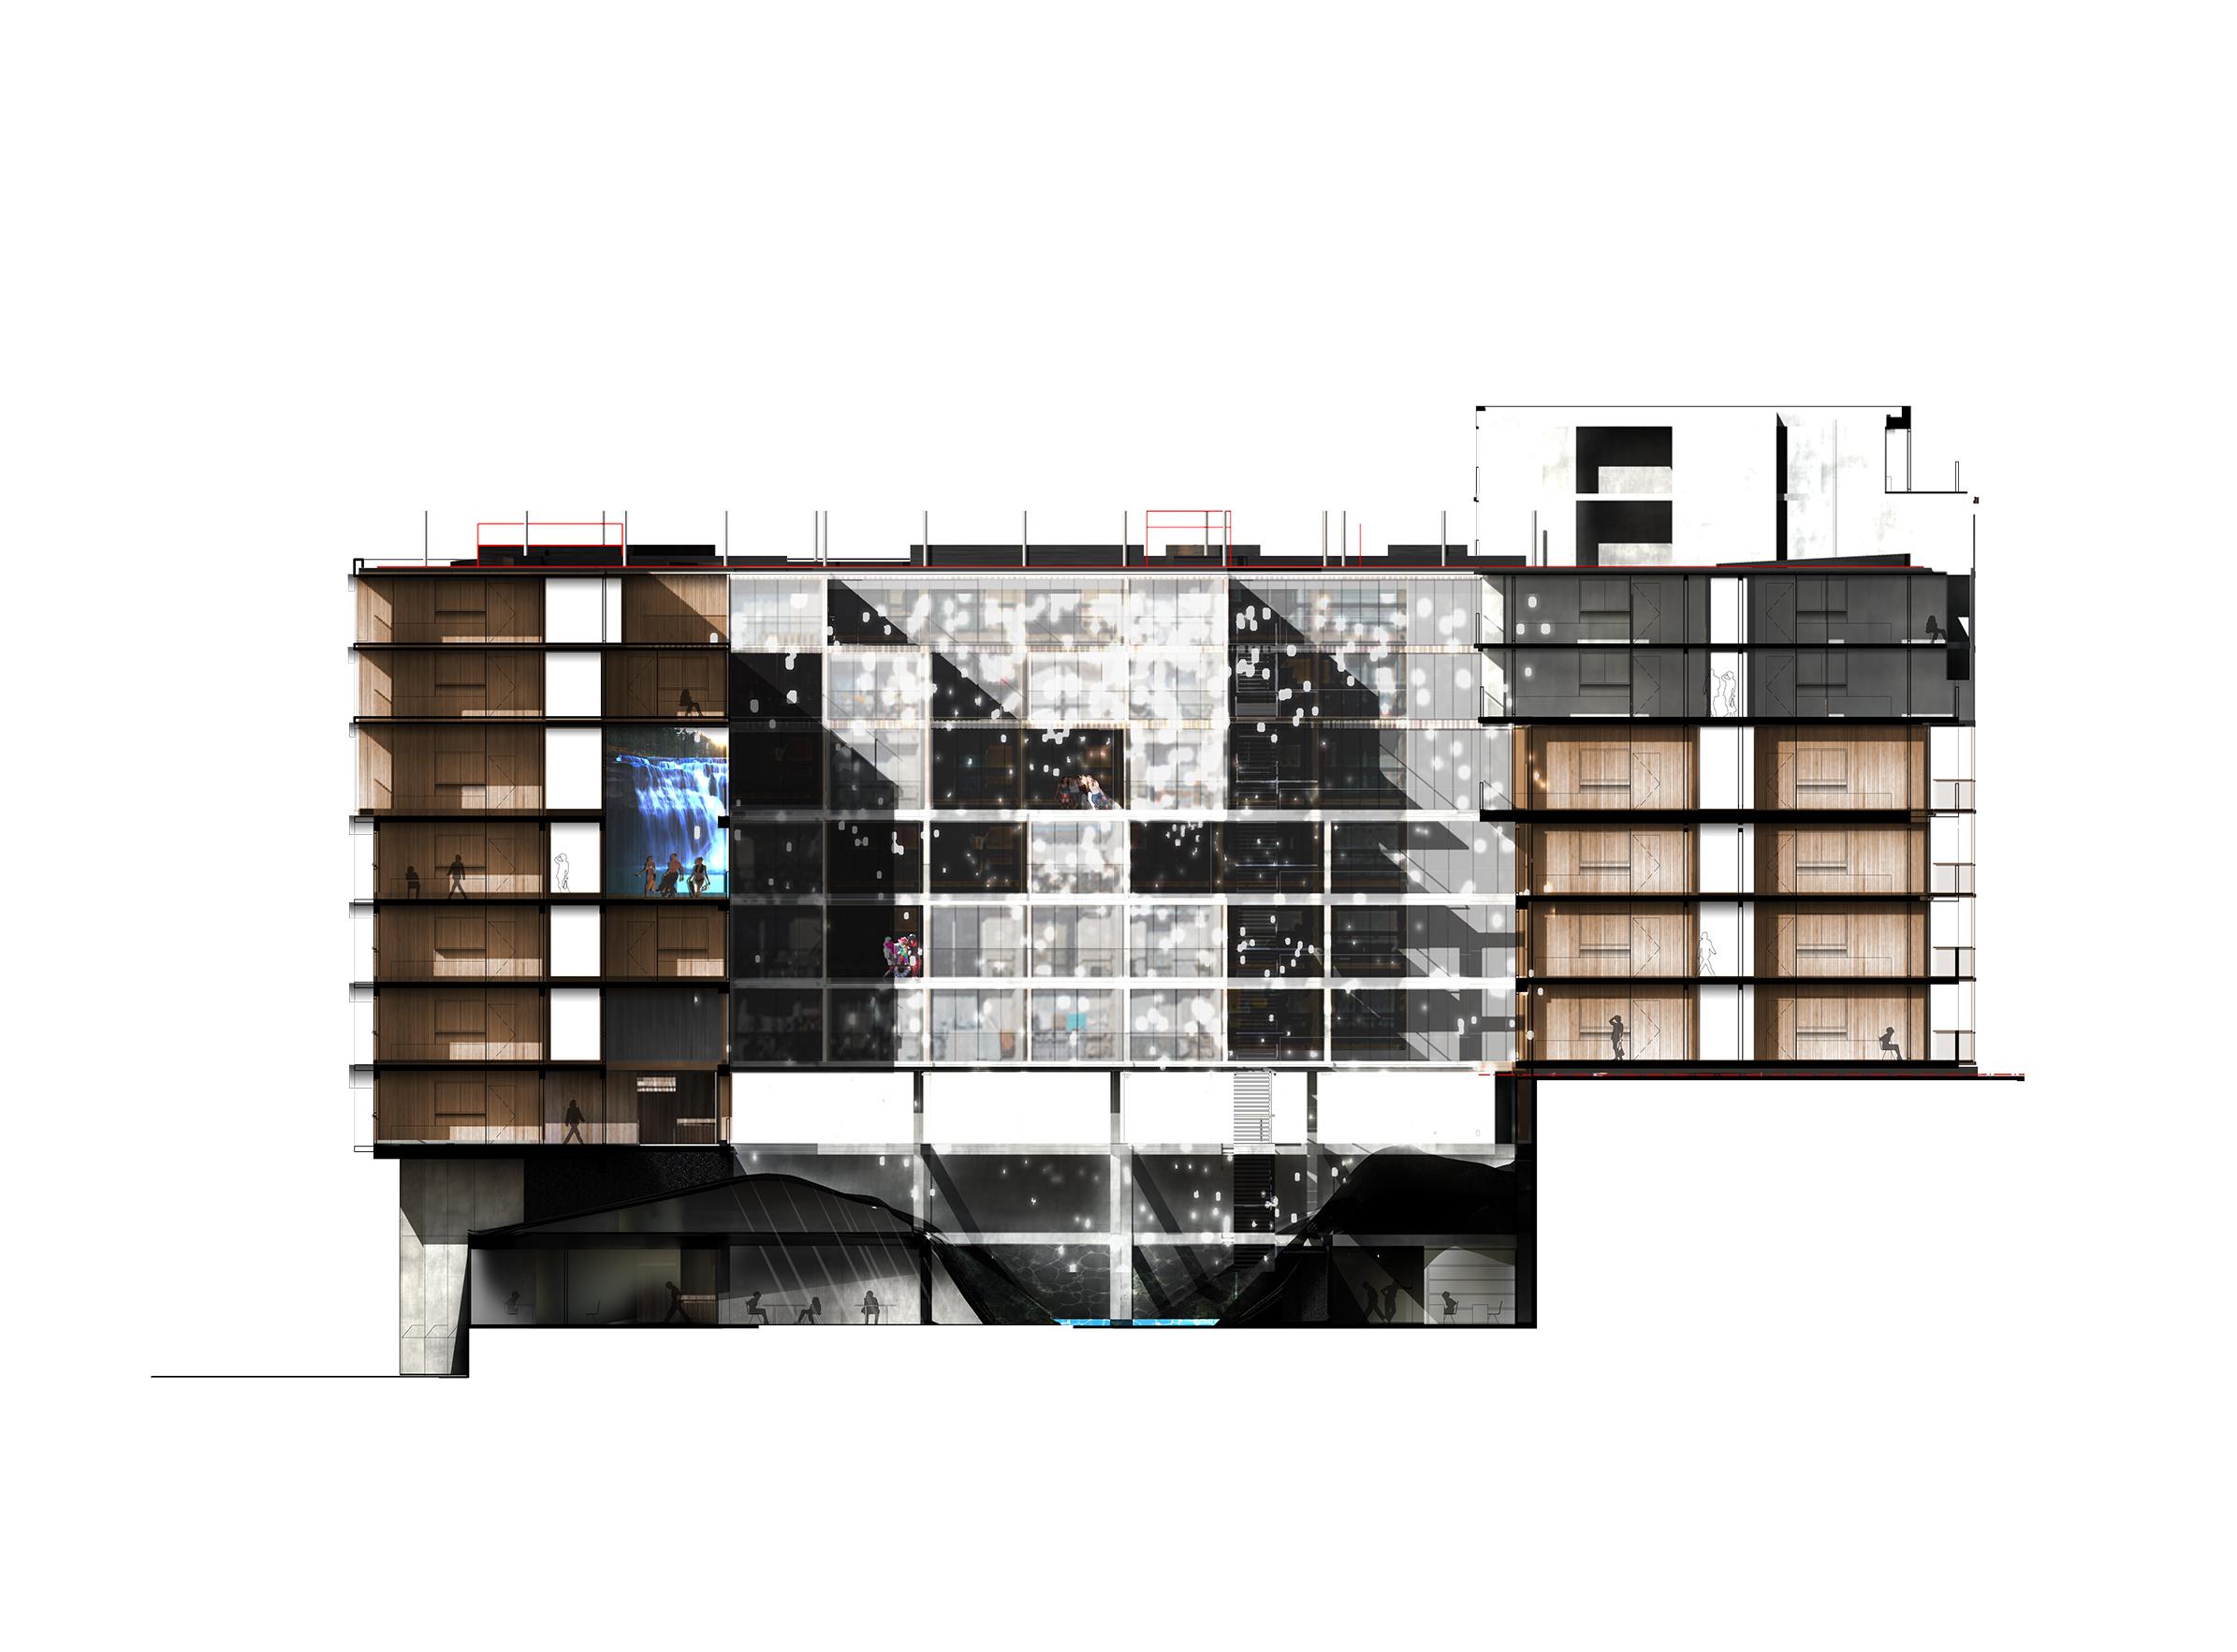 Palazzo Bercy - 05 - Logements - Caractère Spécial - Matthieu Poitevin Architecture